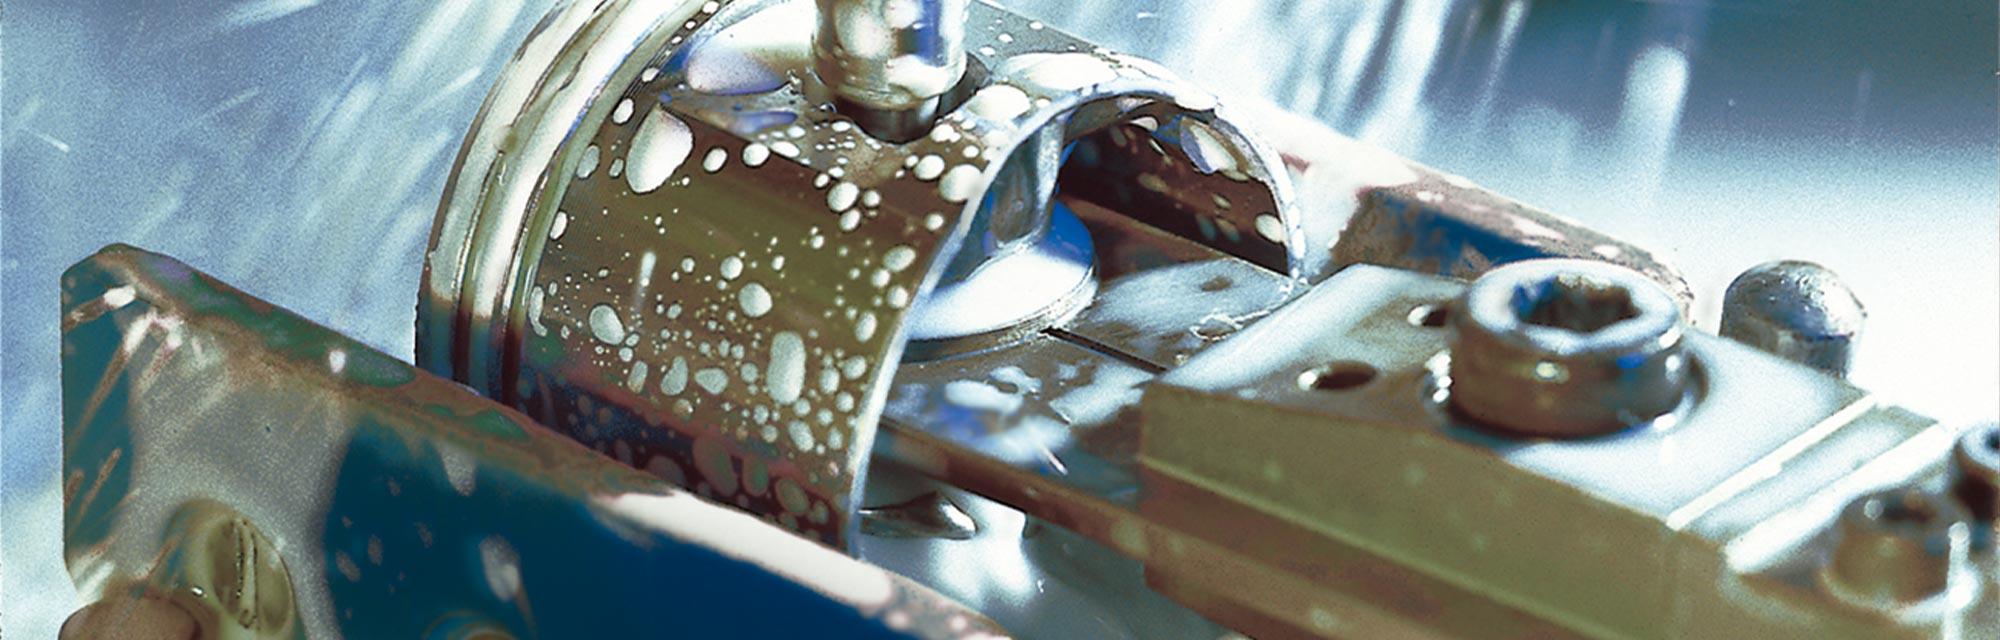 Emulsii-de-racire-utilizate-h2o-vacudest